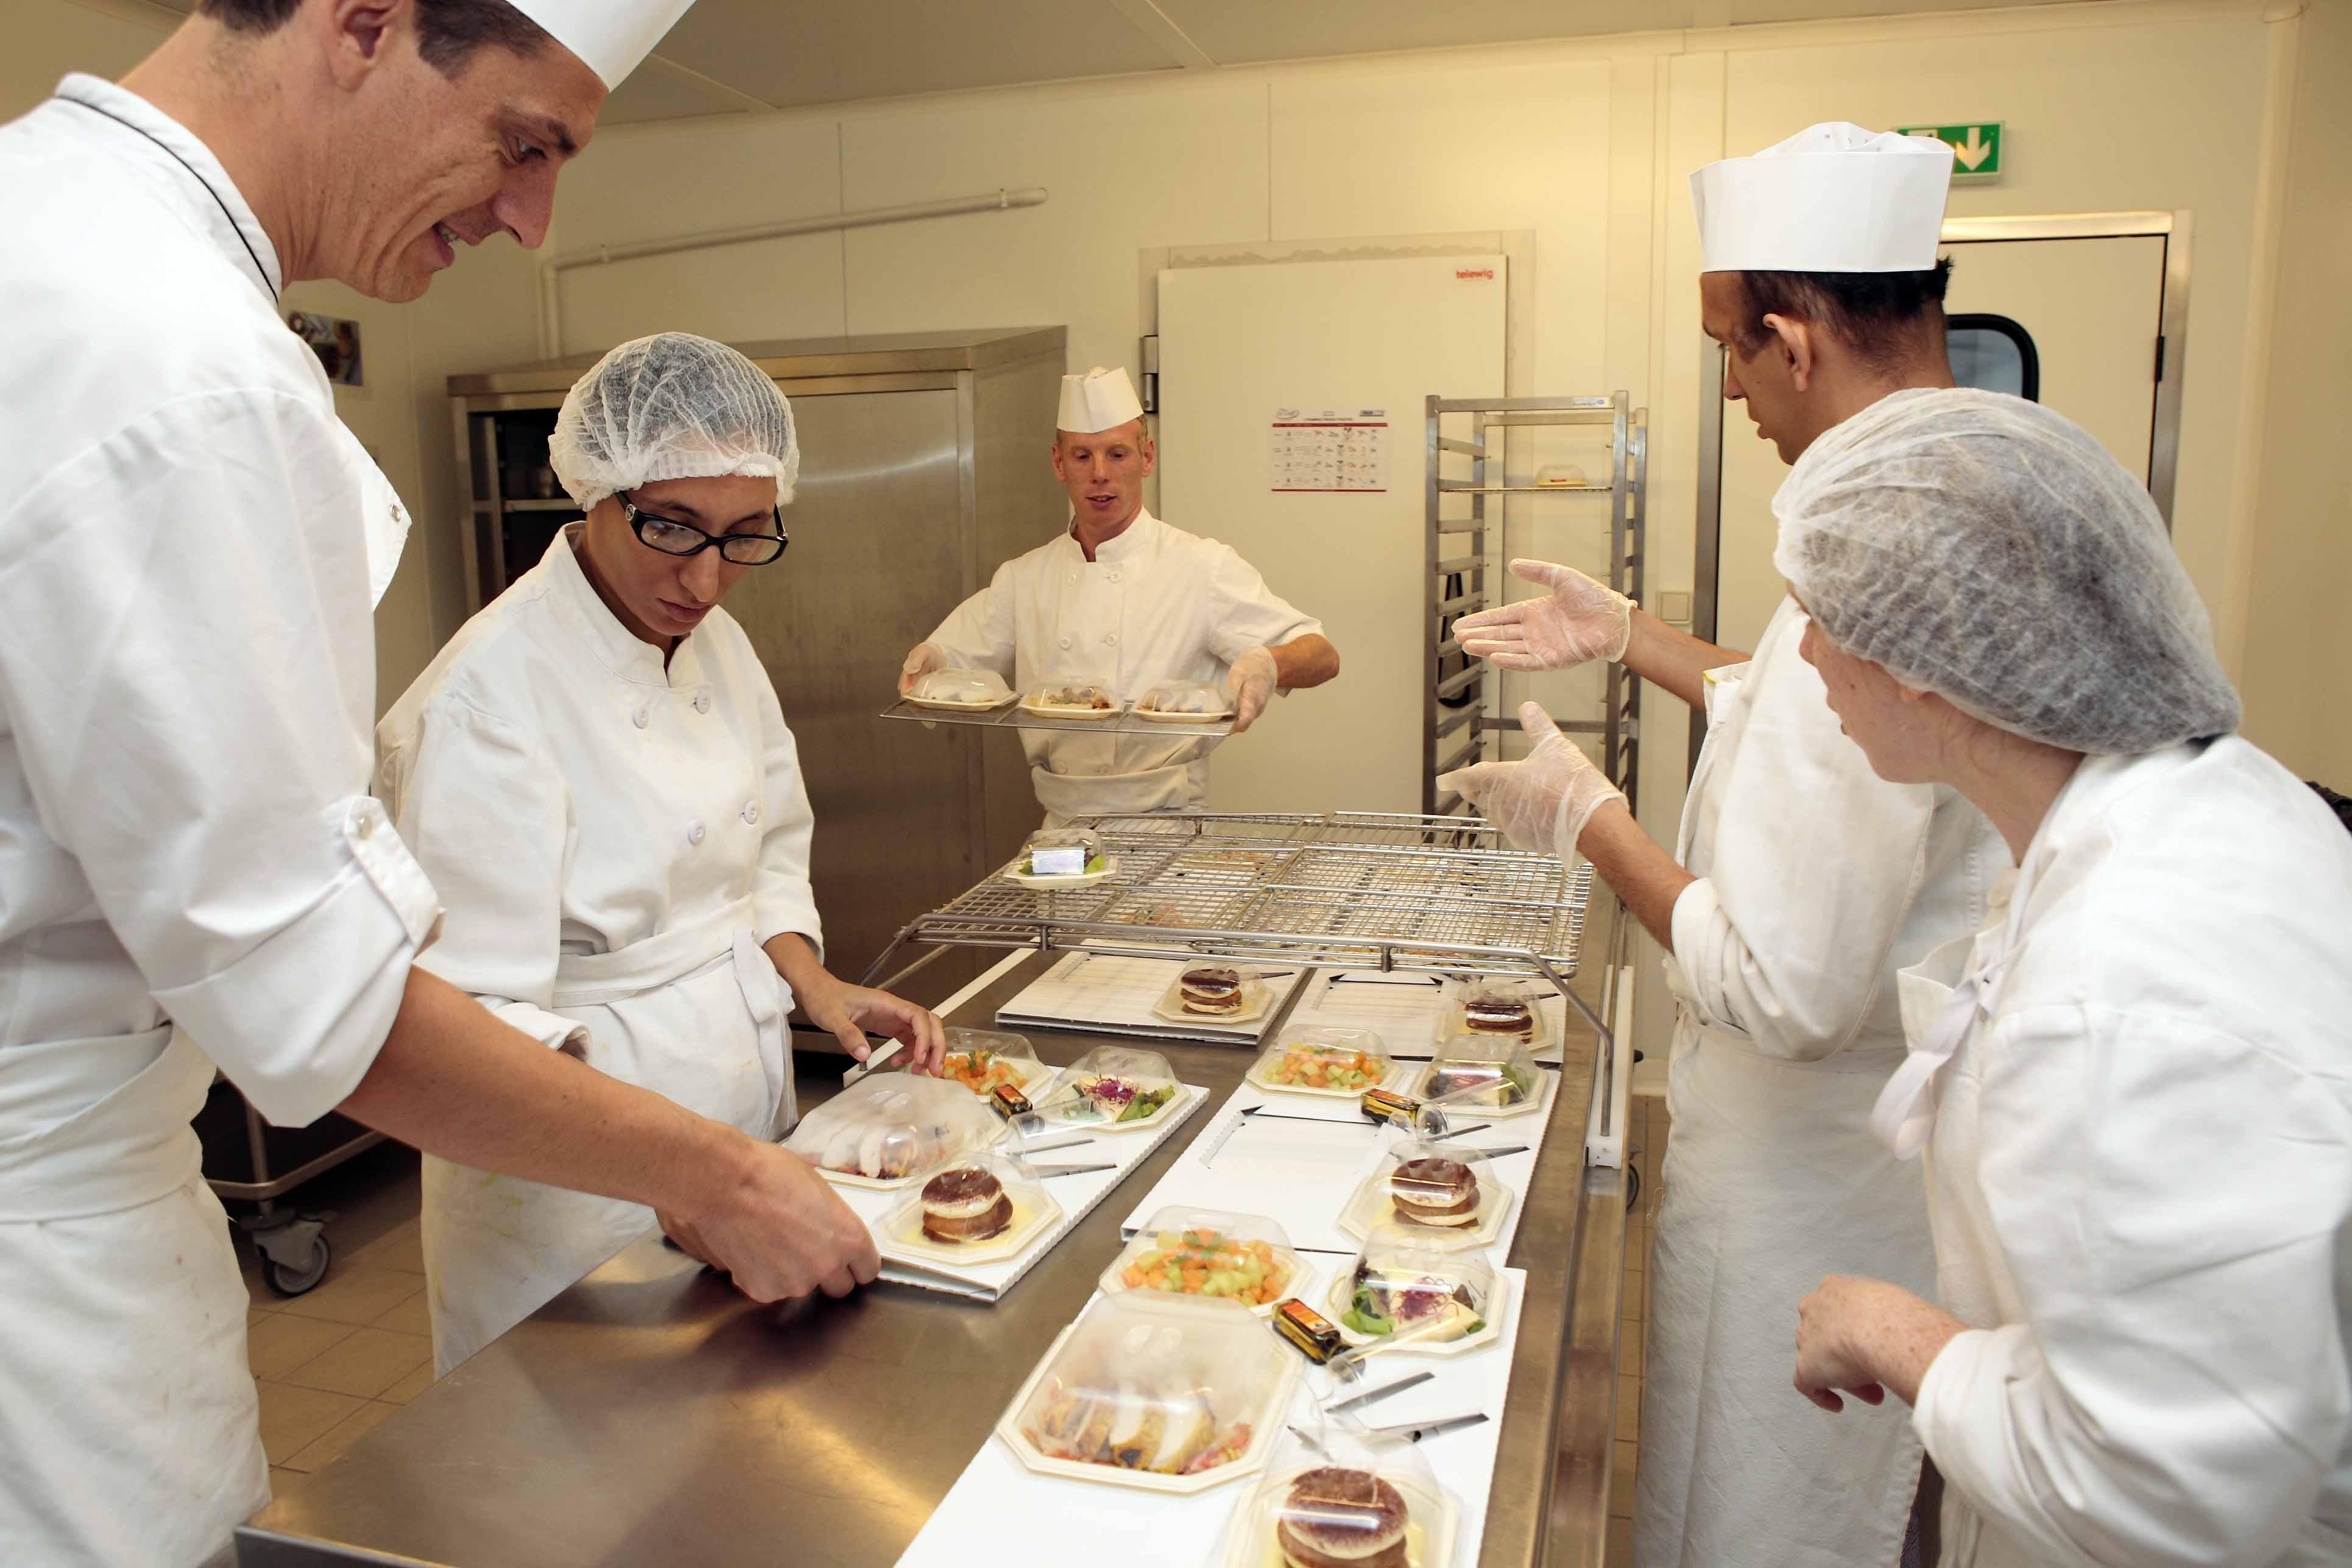 Préparation et expédition de plateaux repas dans la cuisine de l'Esat Pleyel. www.esat-pleyel.com